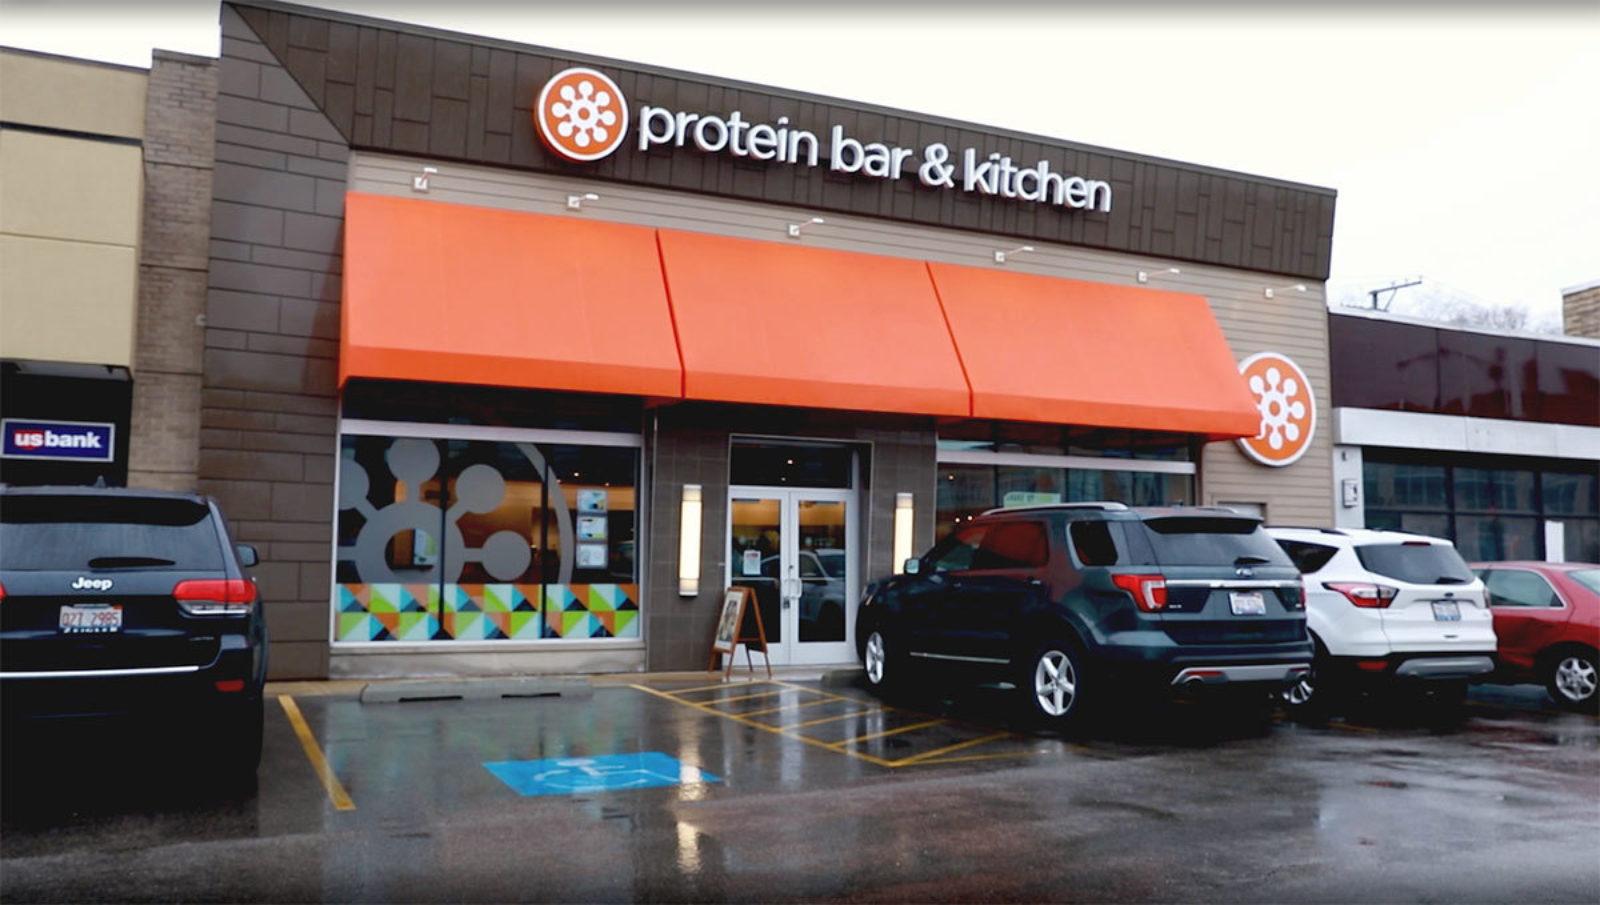 Protein Barand Kitchen Storefront